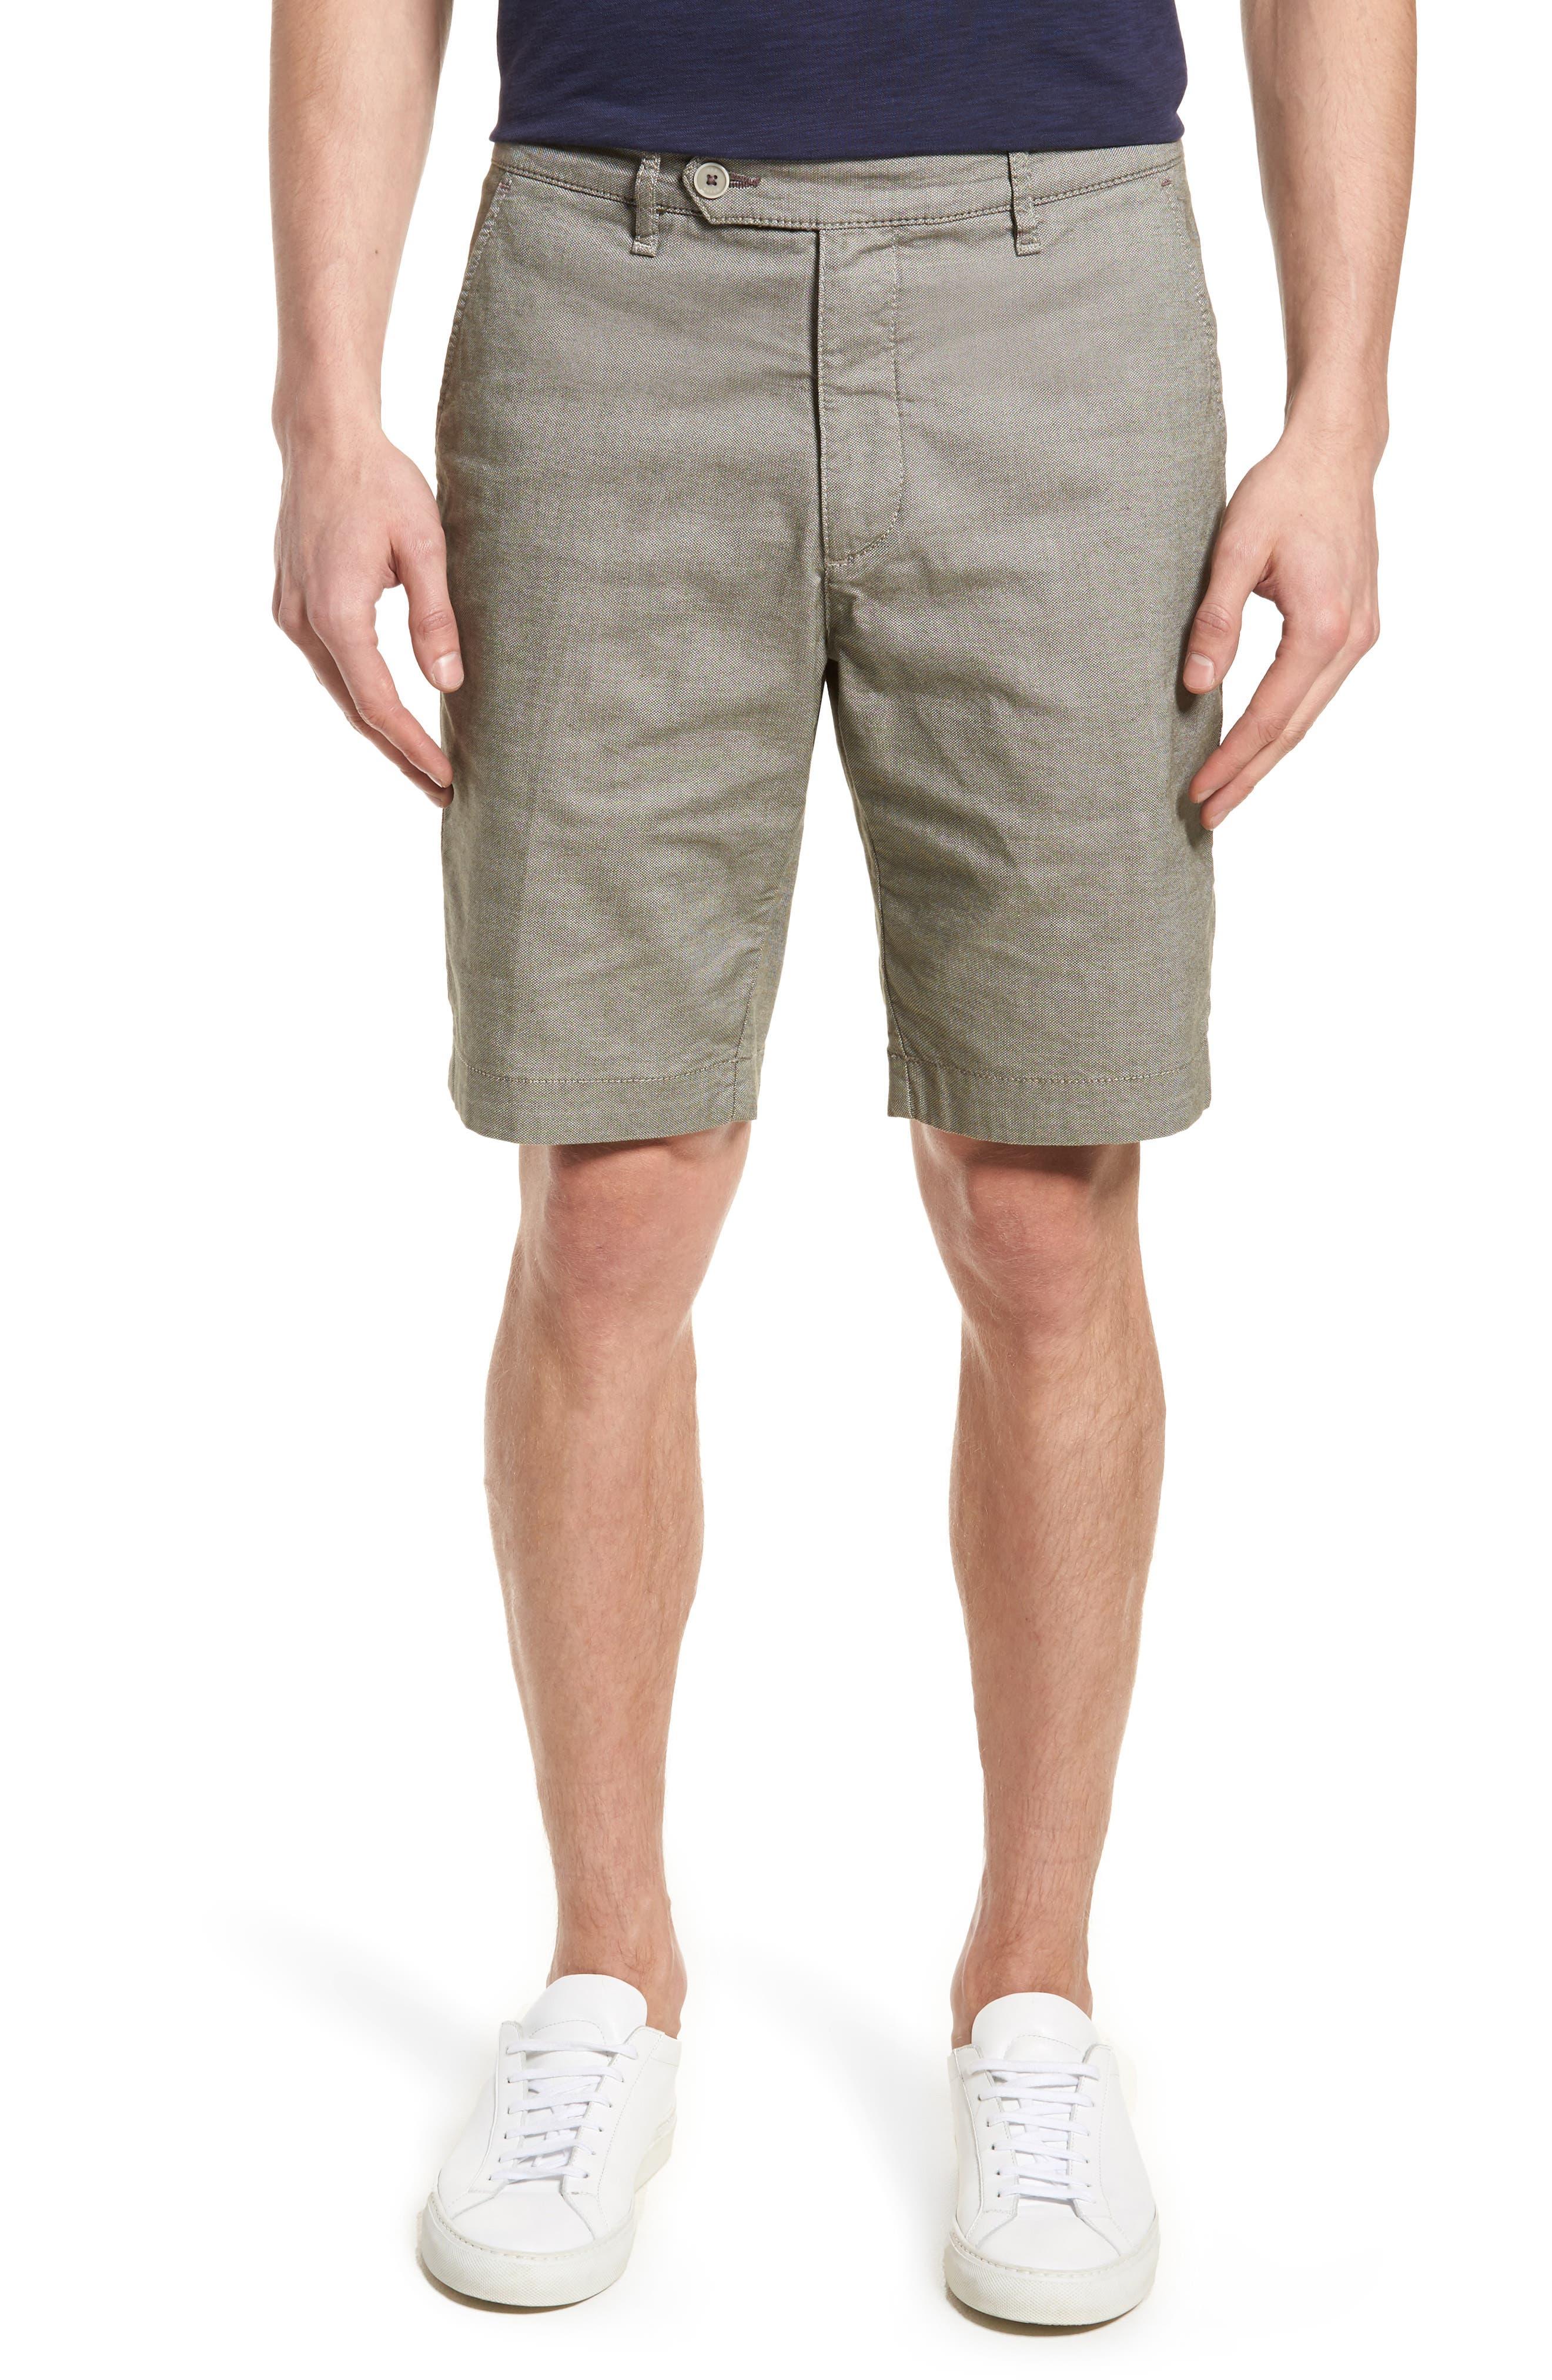 Herbosh Shorts,                             Main thumbnail 1, color,                             GREY MARL